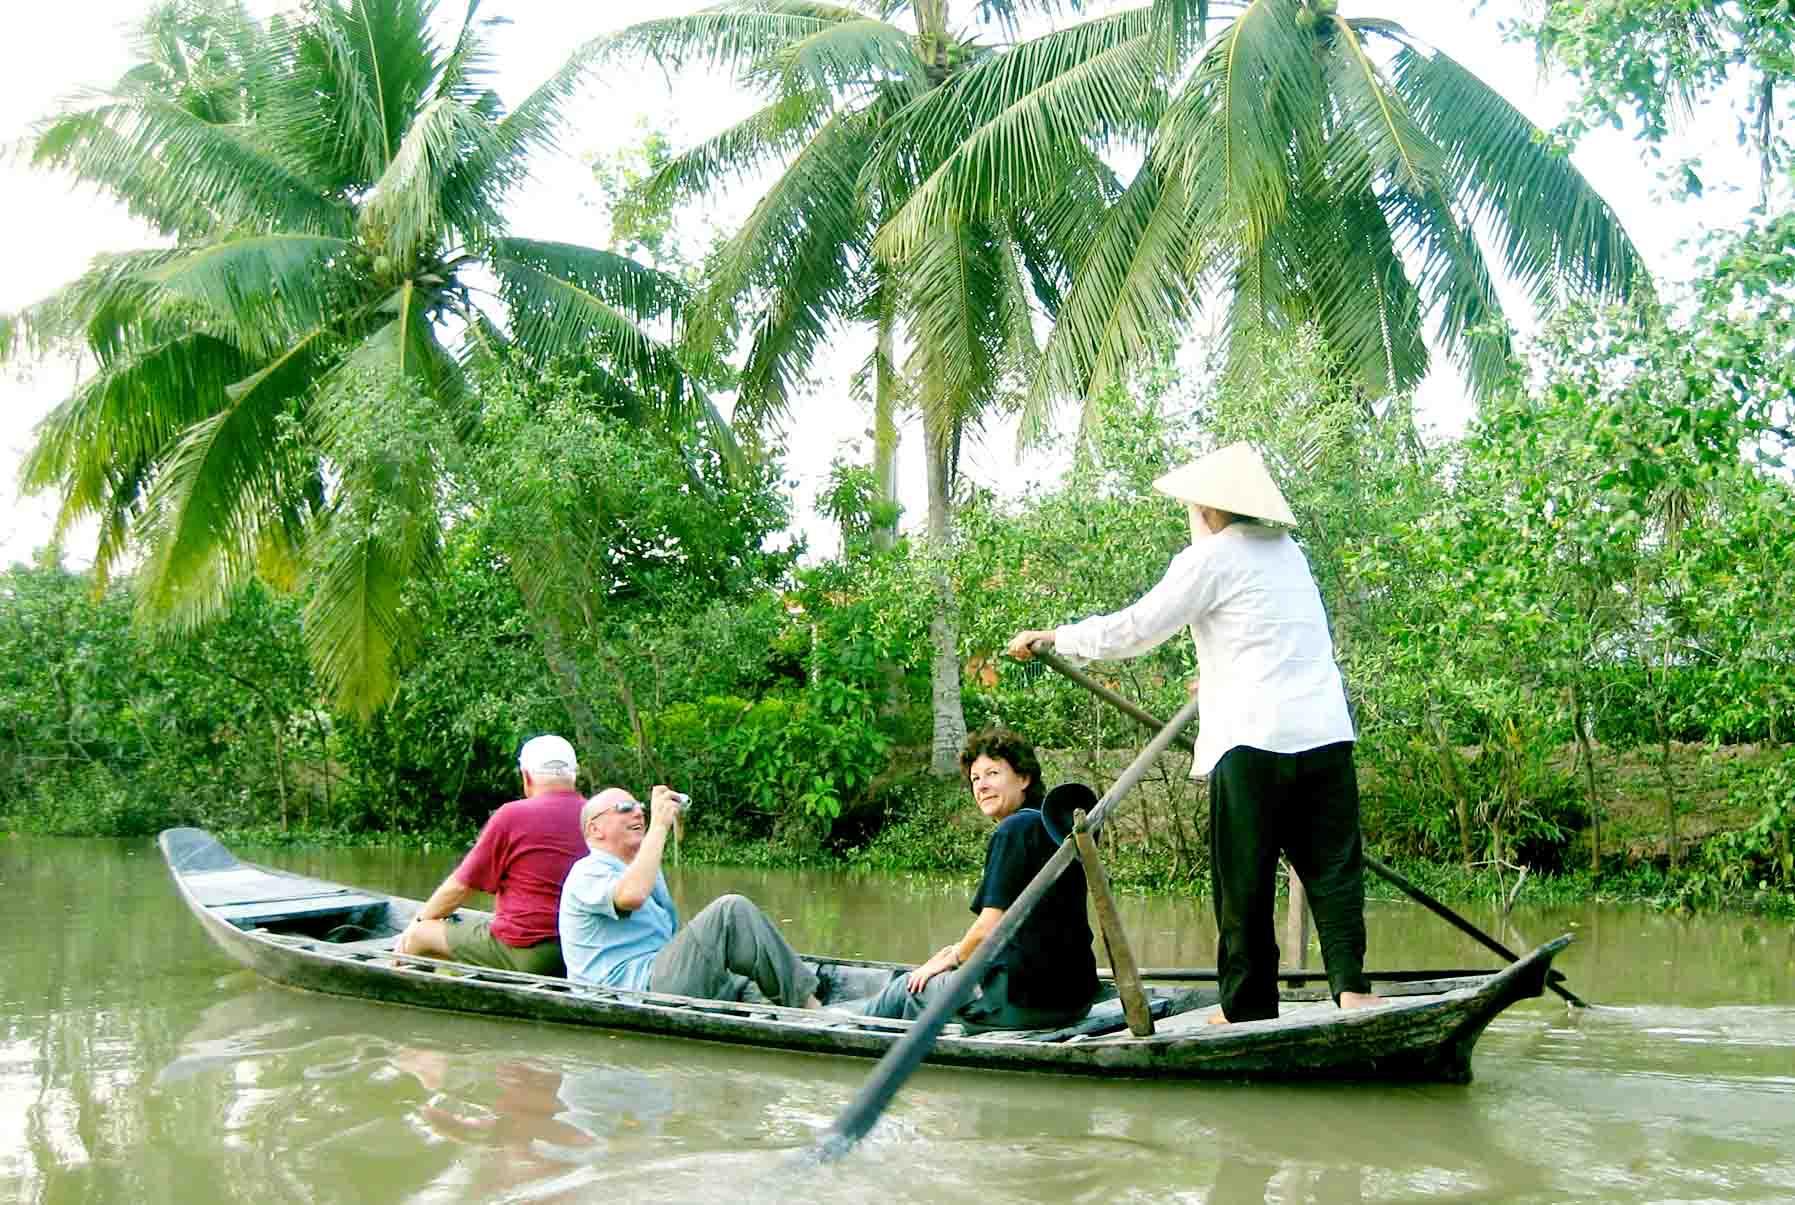 MK boat @ Do cheo MK